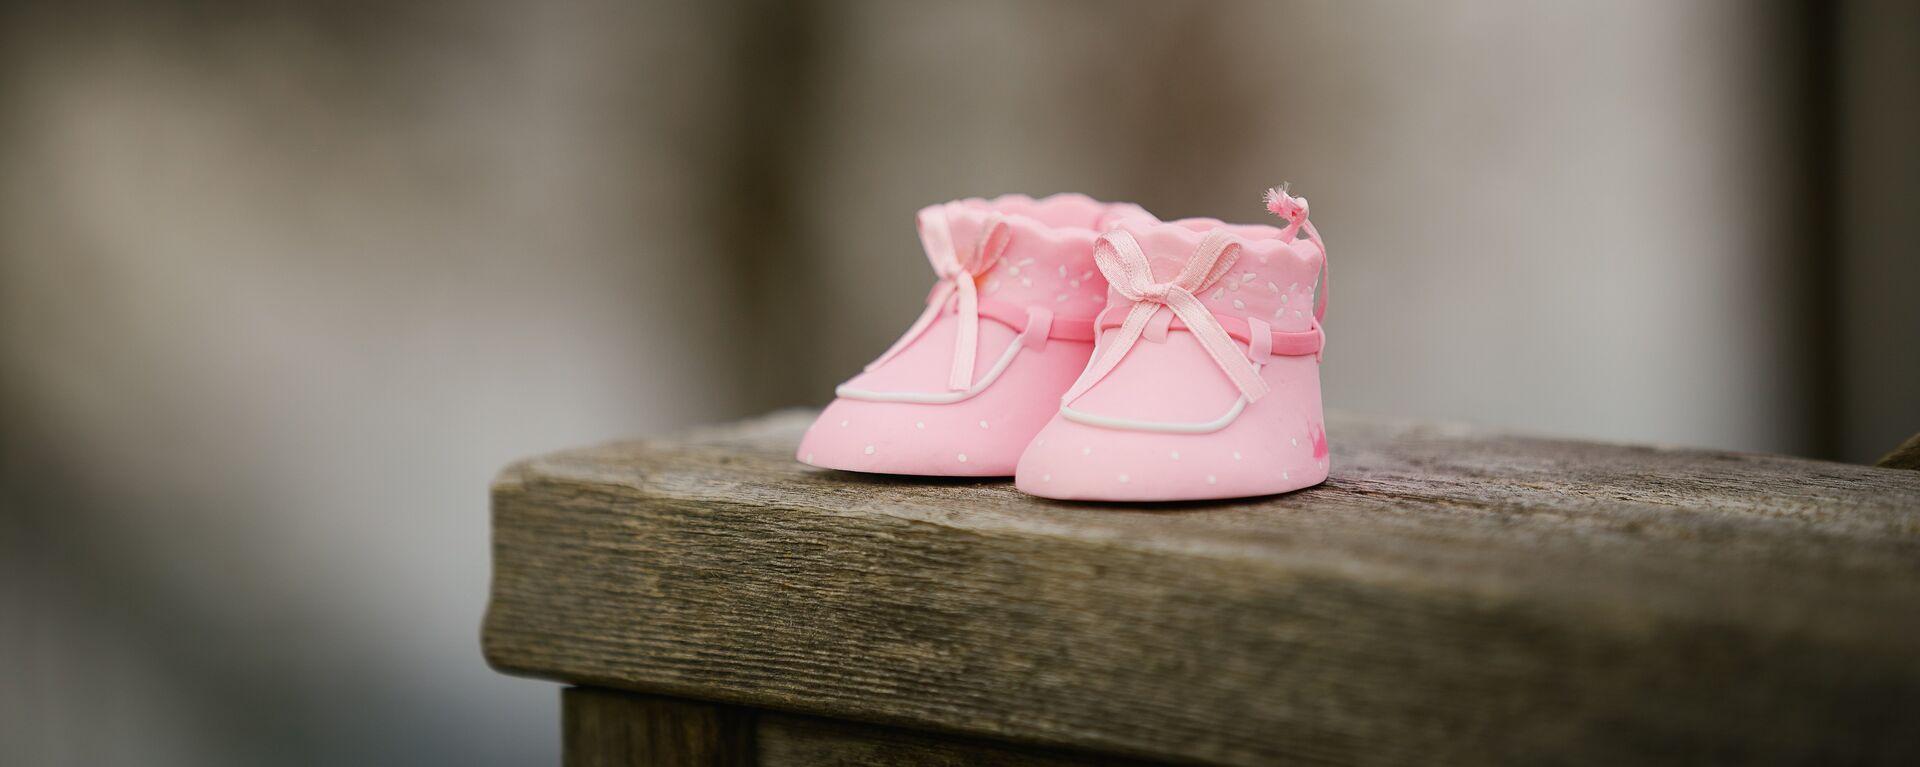 Zapatos de bebé (imagen referencial) - Sputnik Mundo, 1920, 05.09.2021